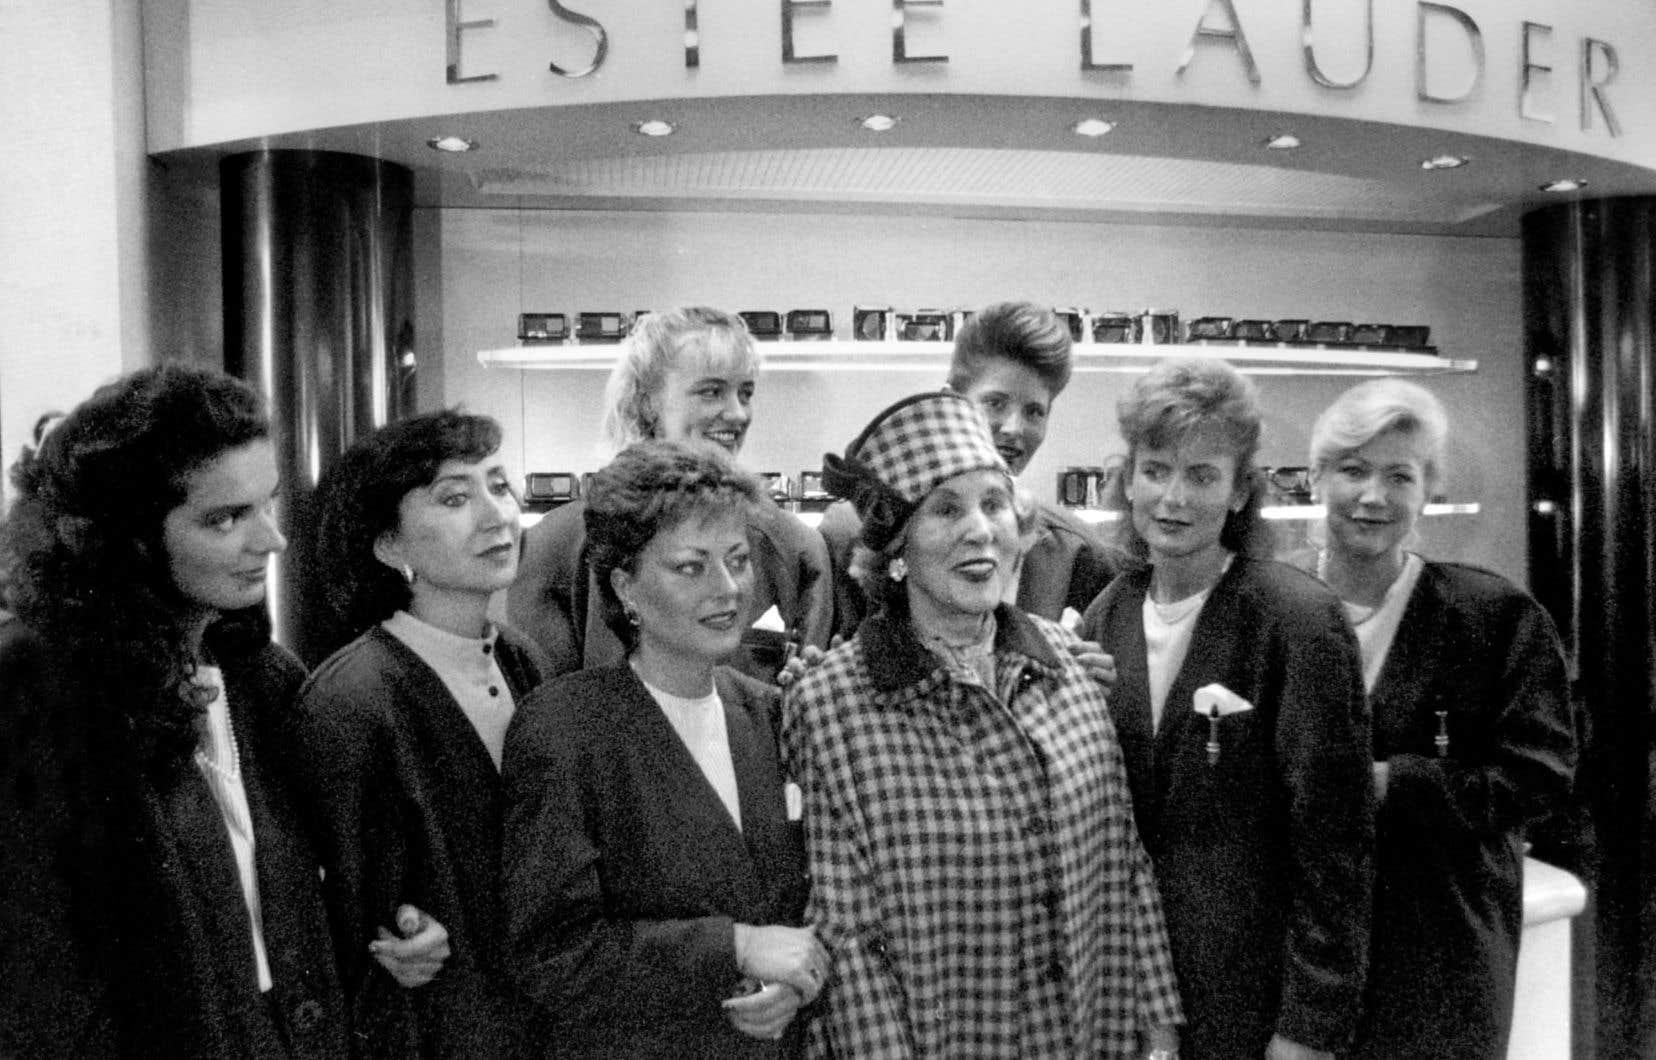 Des femmes, comme Estée Lauder (avec un chapeau), profitèrent des occasions d'affaires créées par le développement de la société de consommation.